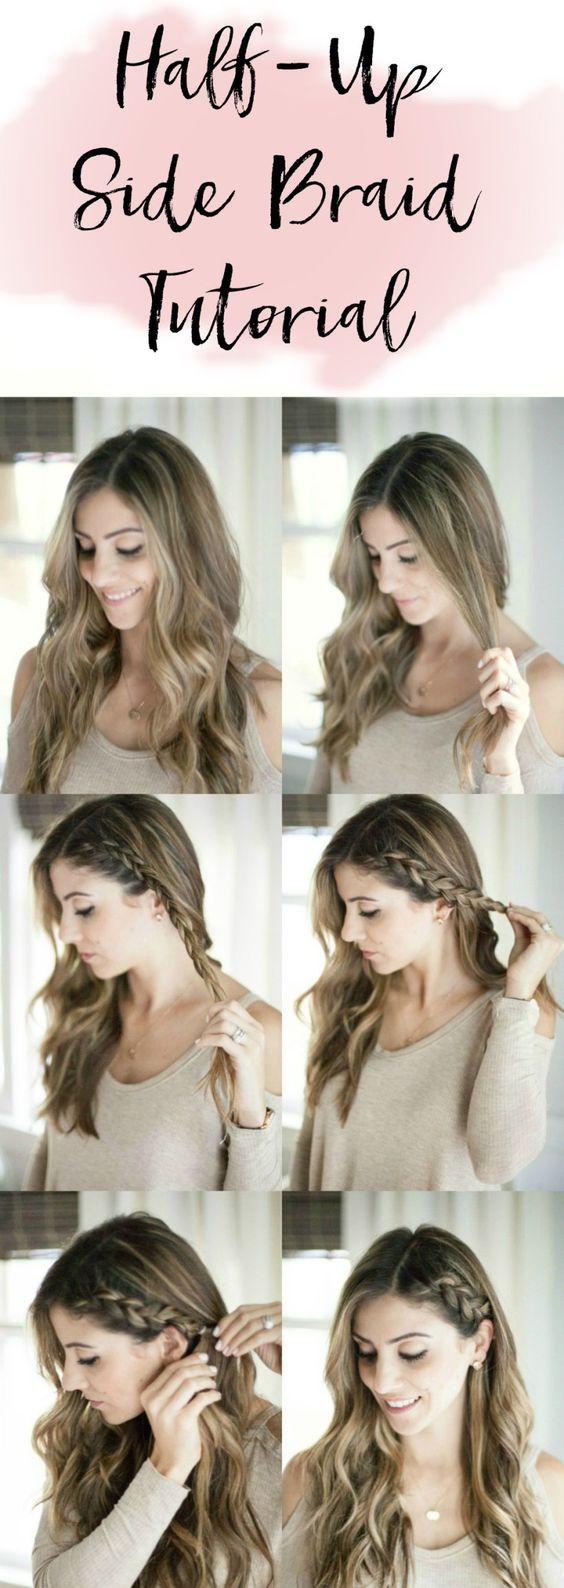 62 Easy Hairstyles Step By Step Diy Hair Styles Side Braid Hairstyles Medium Hair Styles